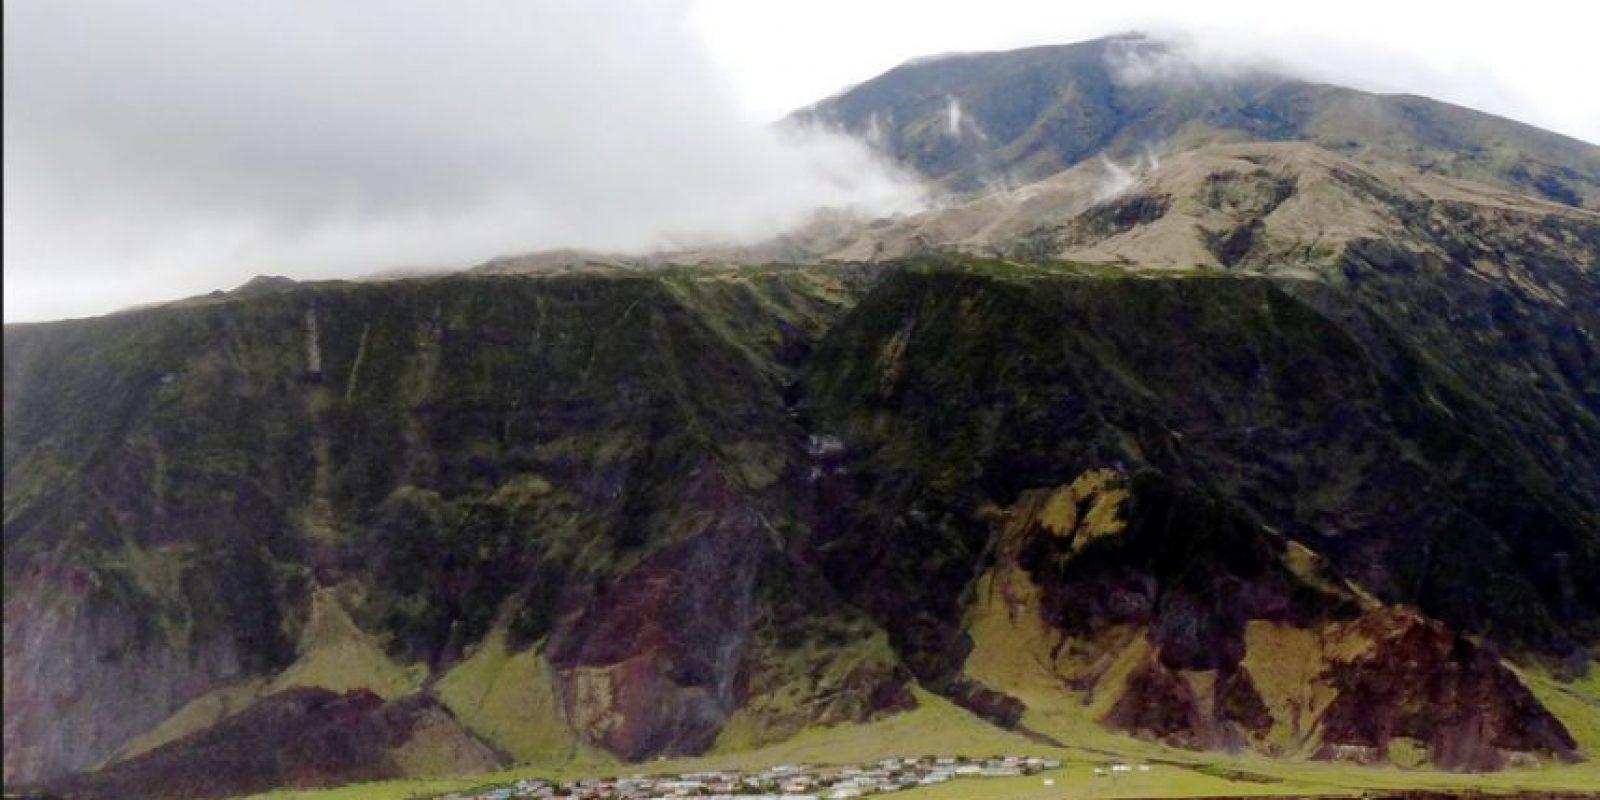 1961 se volvió el año más memorable luego de que el volcán donde se establece hiciera erupción y sus pobladores tuvieran que evacuarla. Foto:Vía Wikimedia Commons